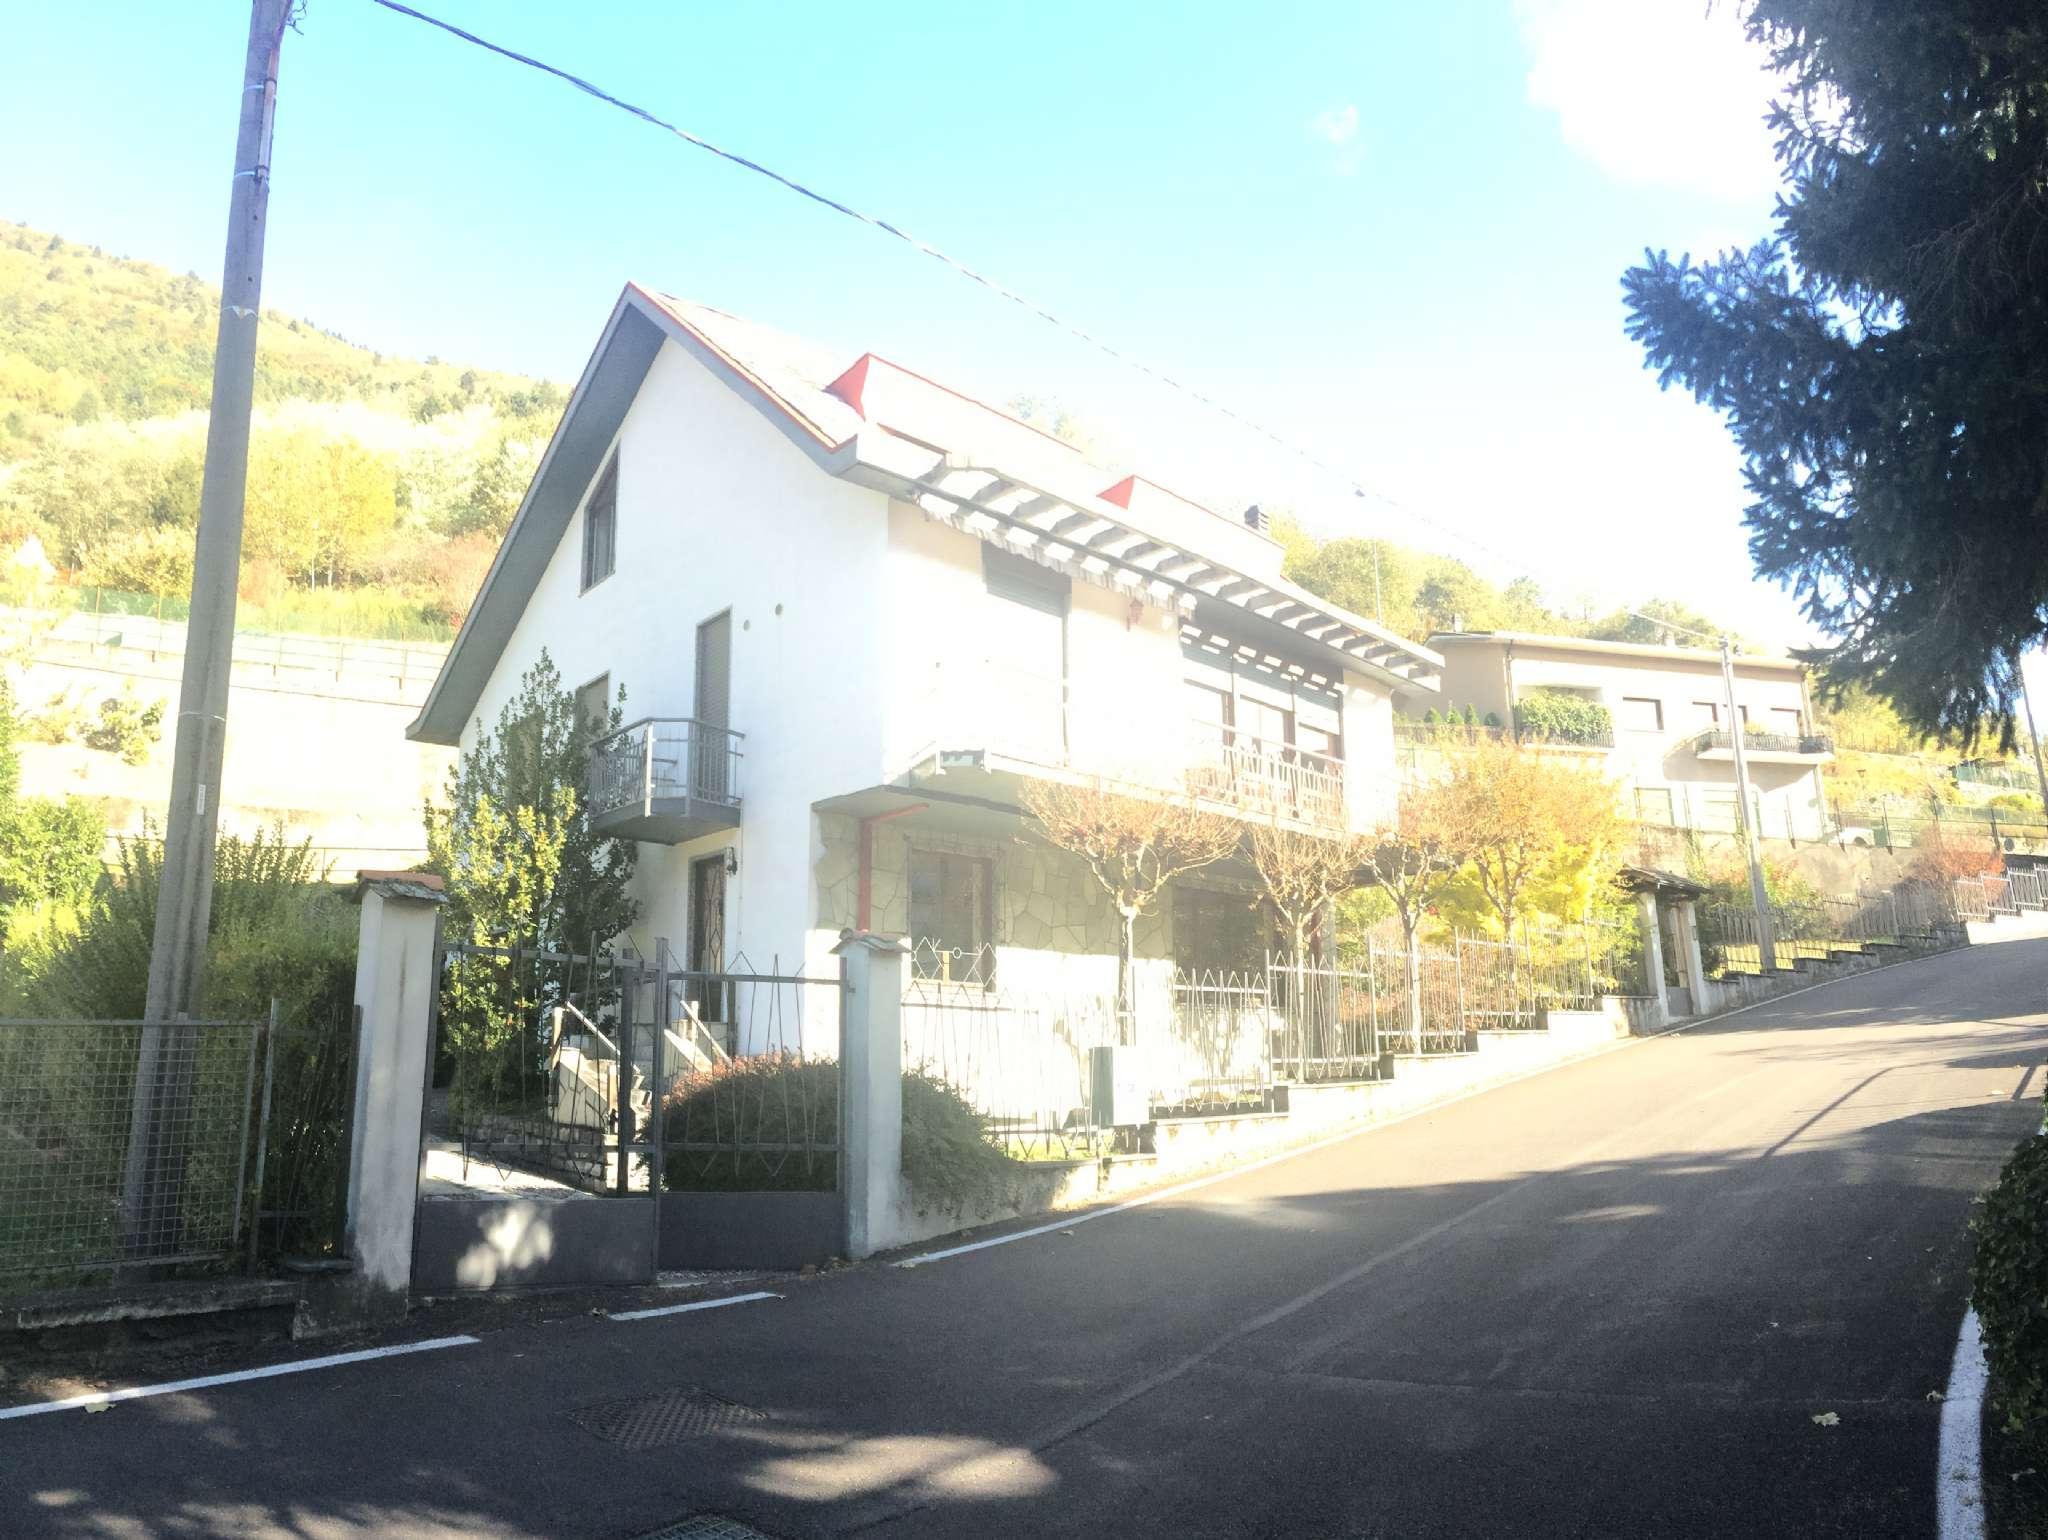 Villa in vendita a Dubino, 9999 locali, prezzo € 299.000 | CambioCasa.it